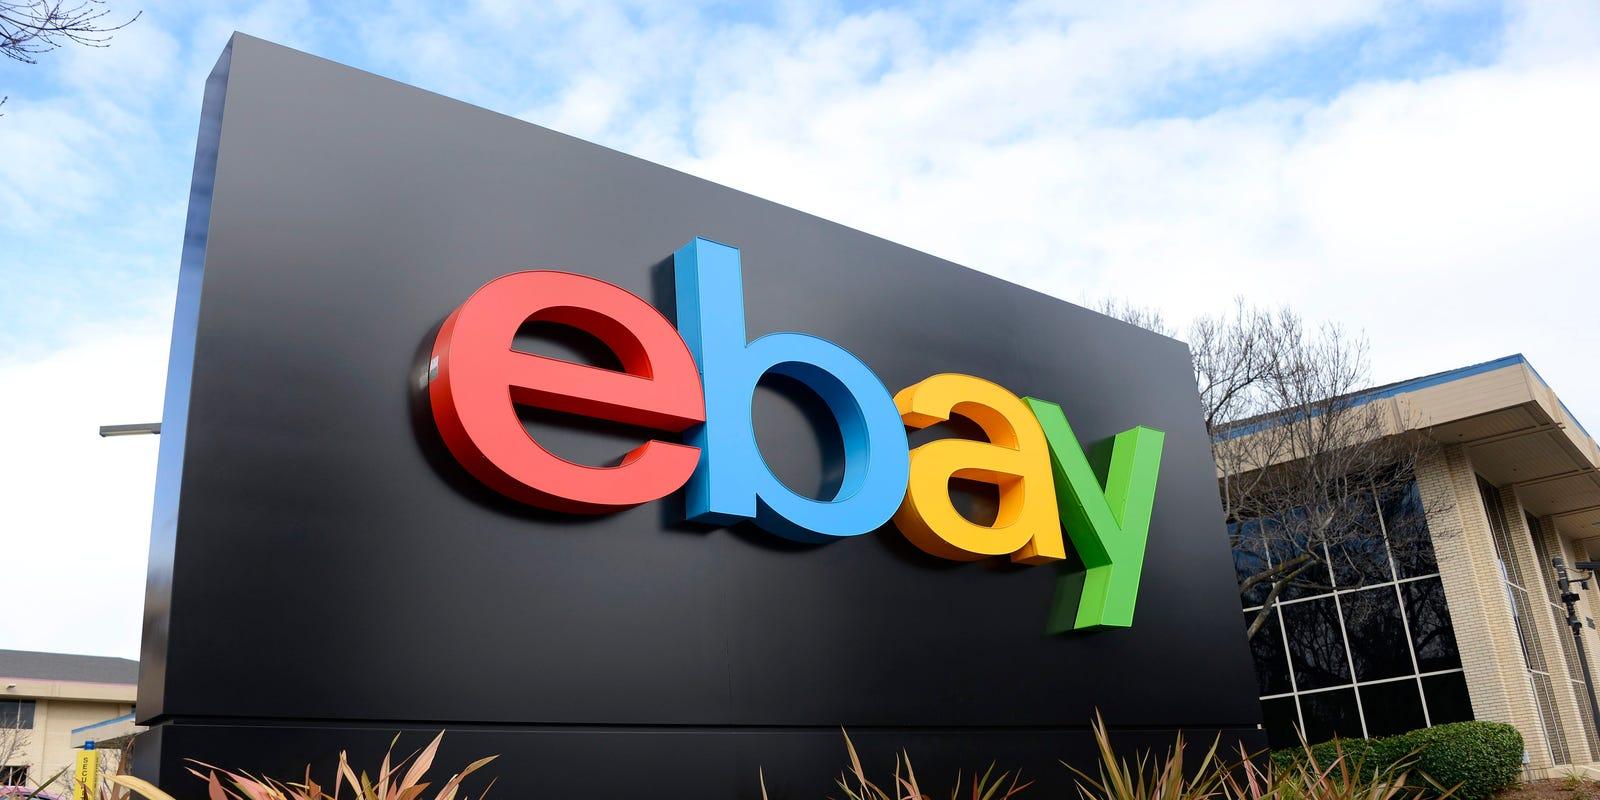 Come fare reso eBay